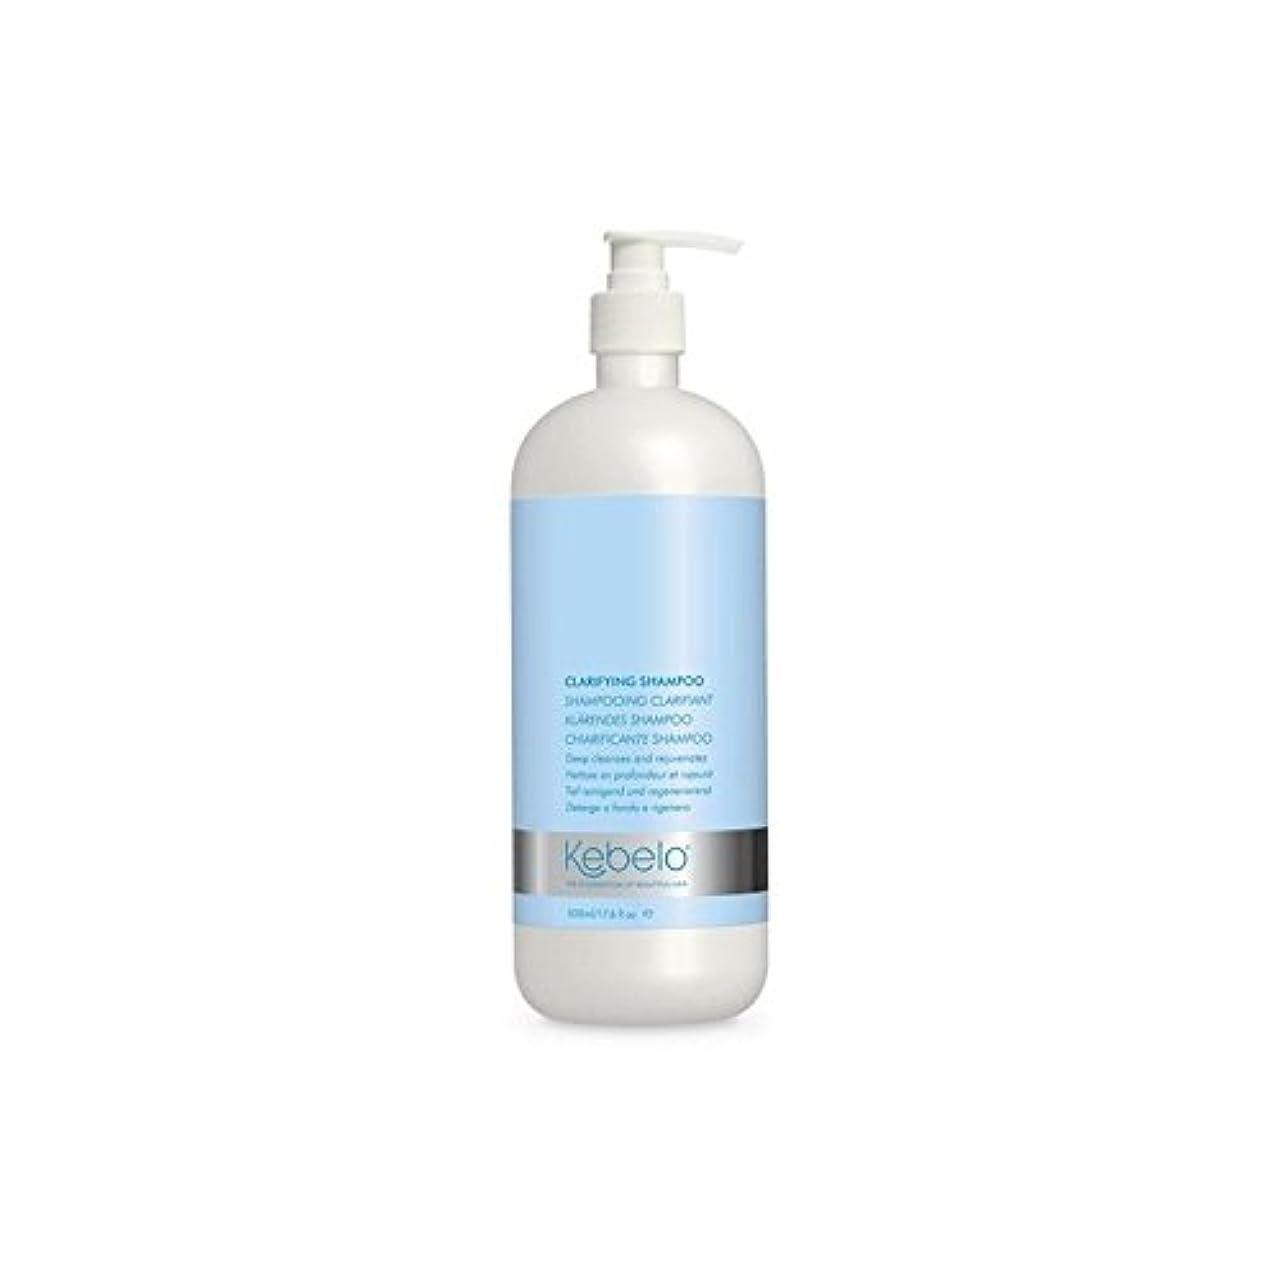 強いスペシャリストそう明確化シャンプー(500ミリリットル) x4 - Kebelo Clarifying Shampoo (500ml) (Pack of 4) [並行輸入品]